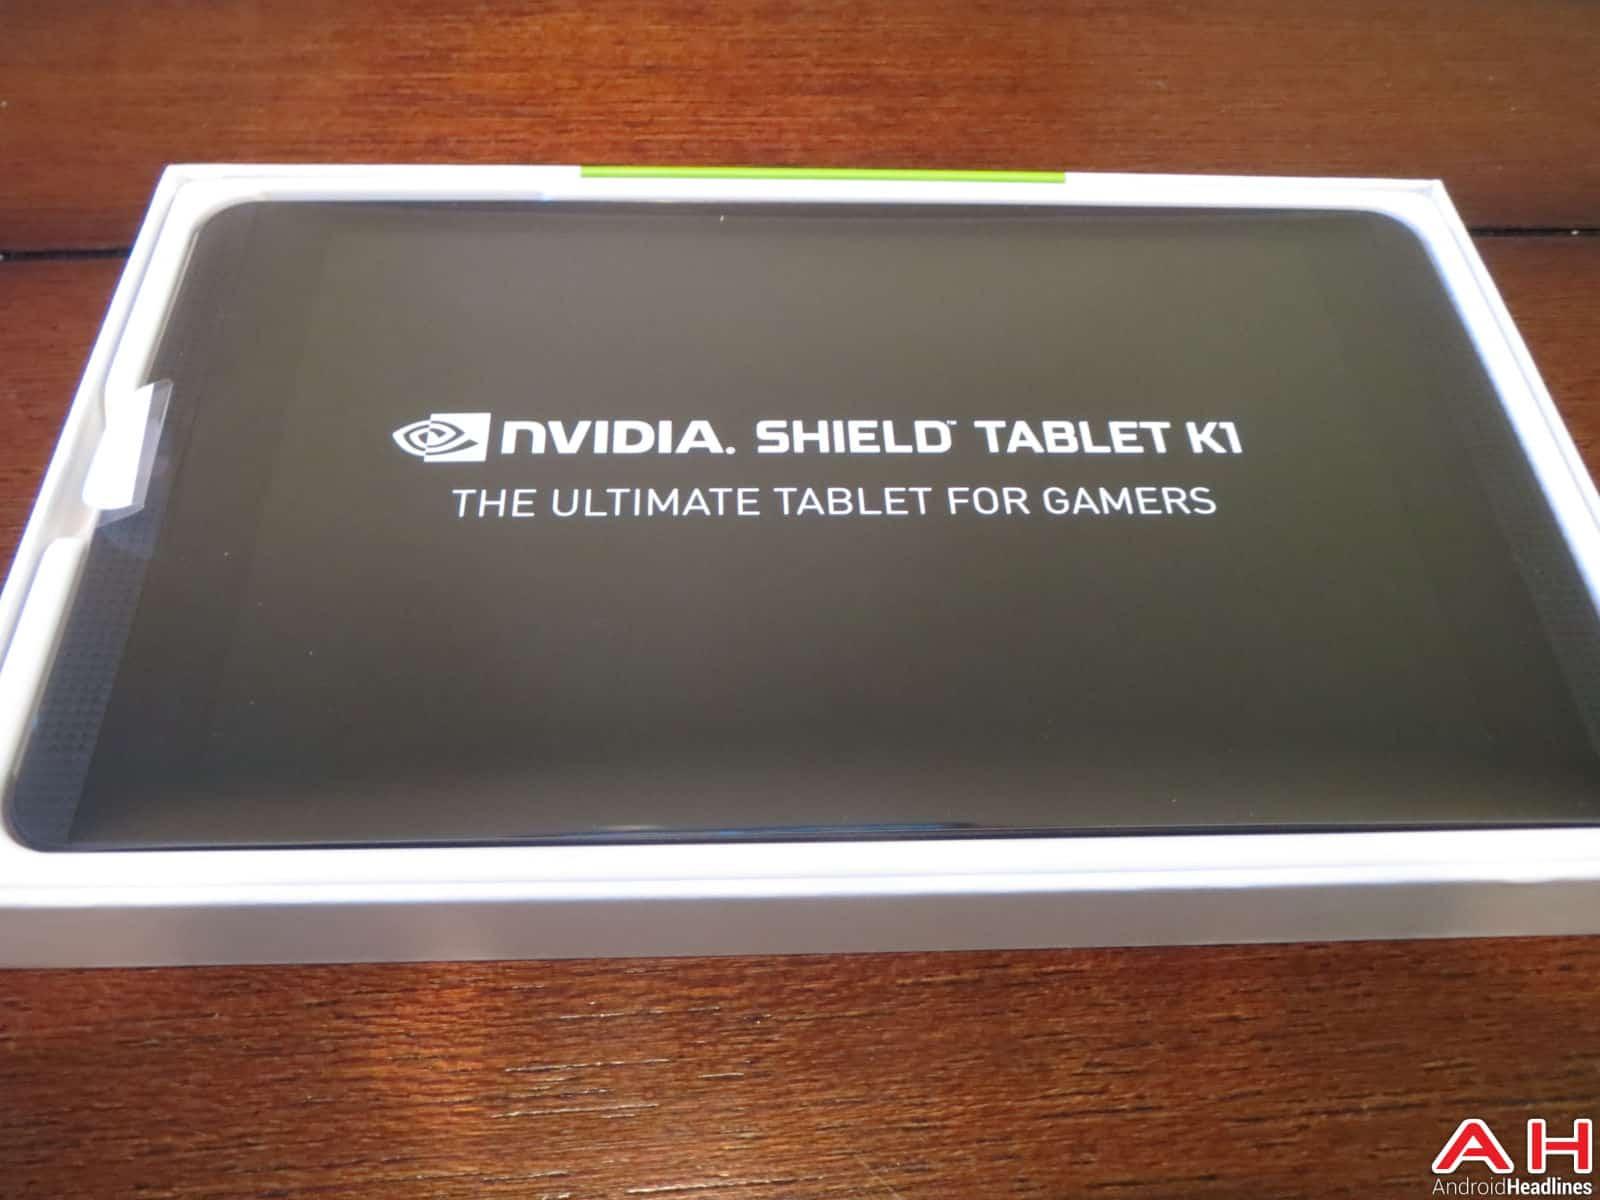 NVIDIA SHIELD Tablet K1 AH-9